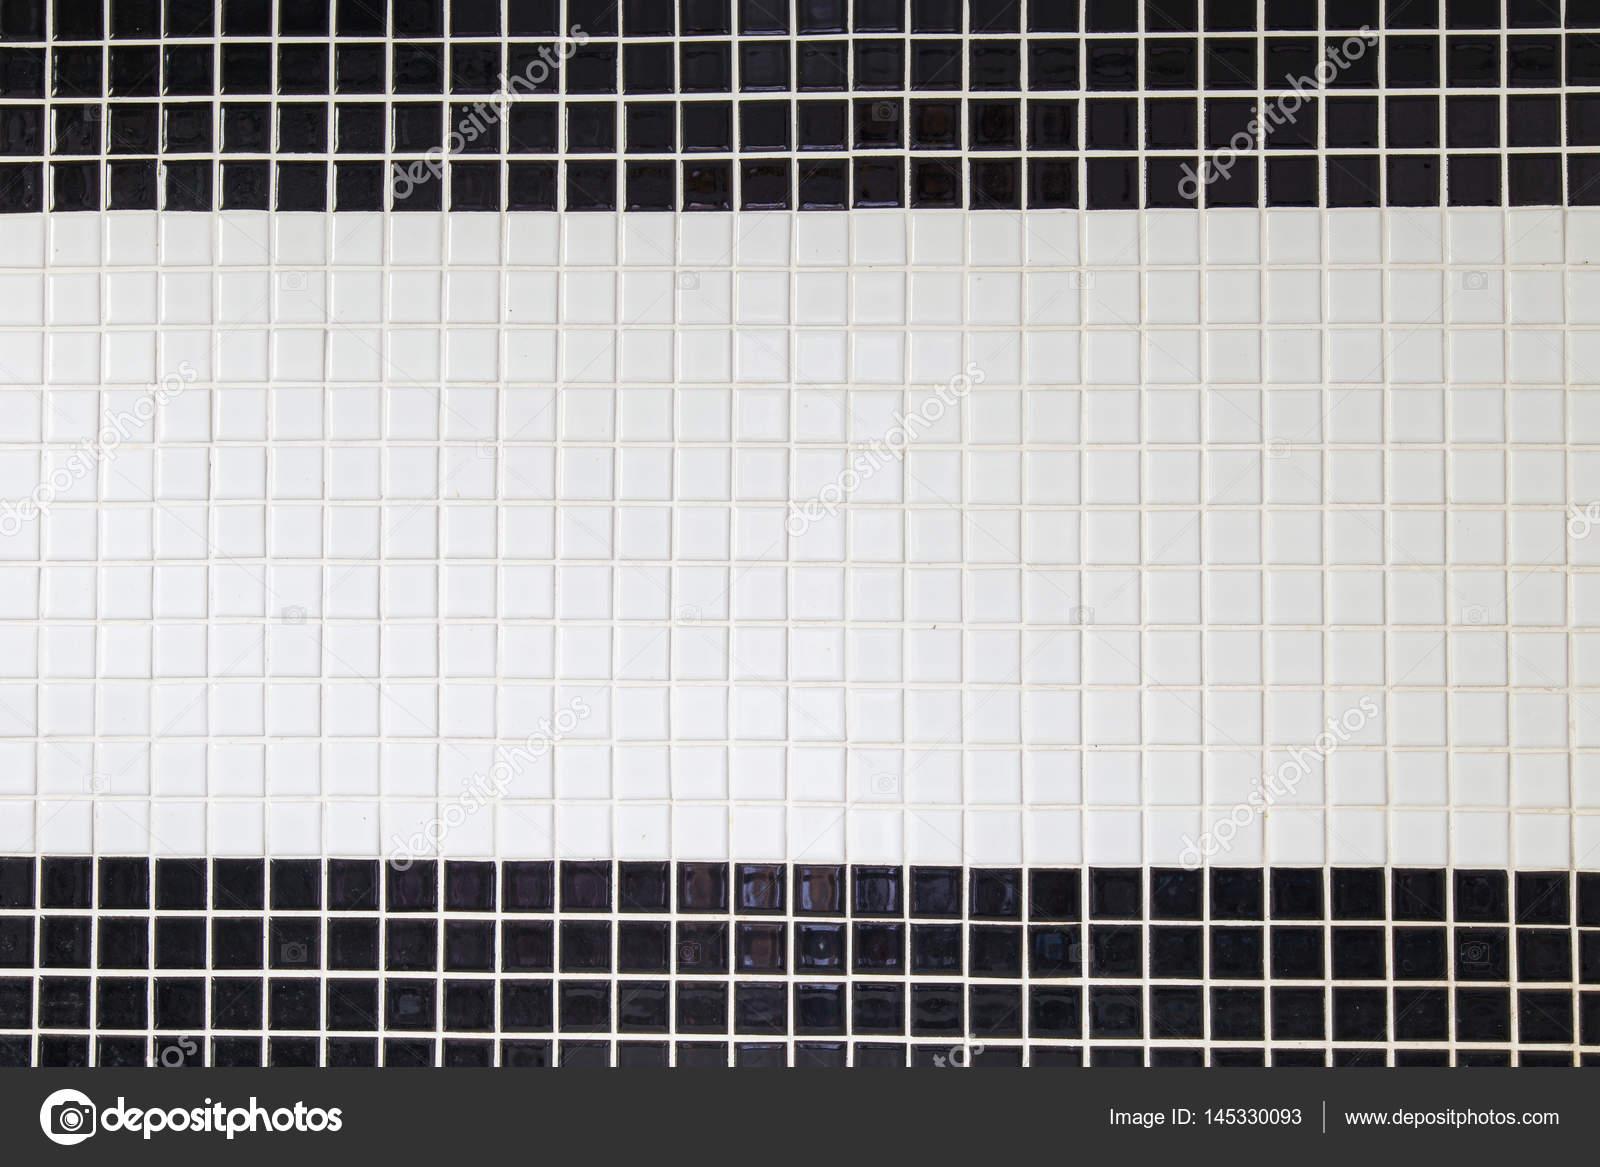 Priorità bassa del reticolo di composizione mosaico piastrelle in